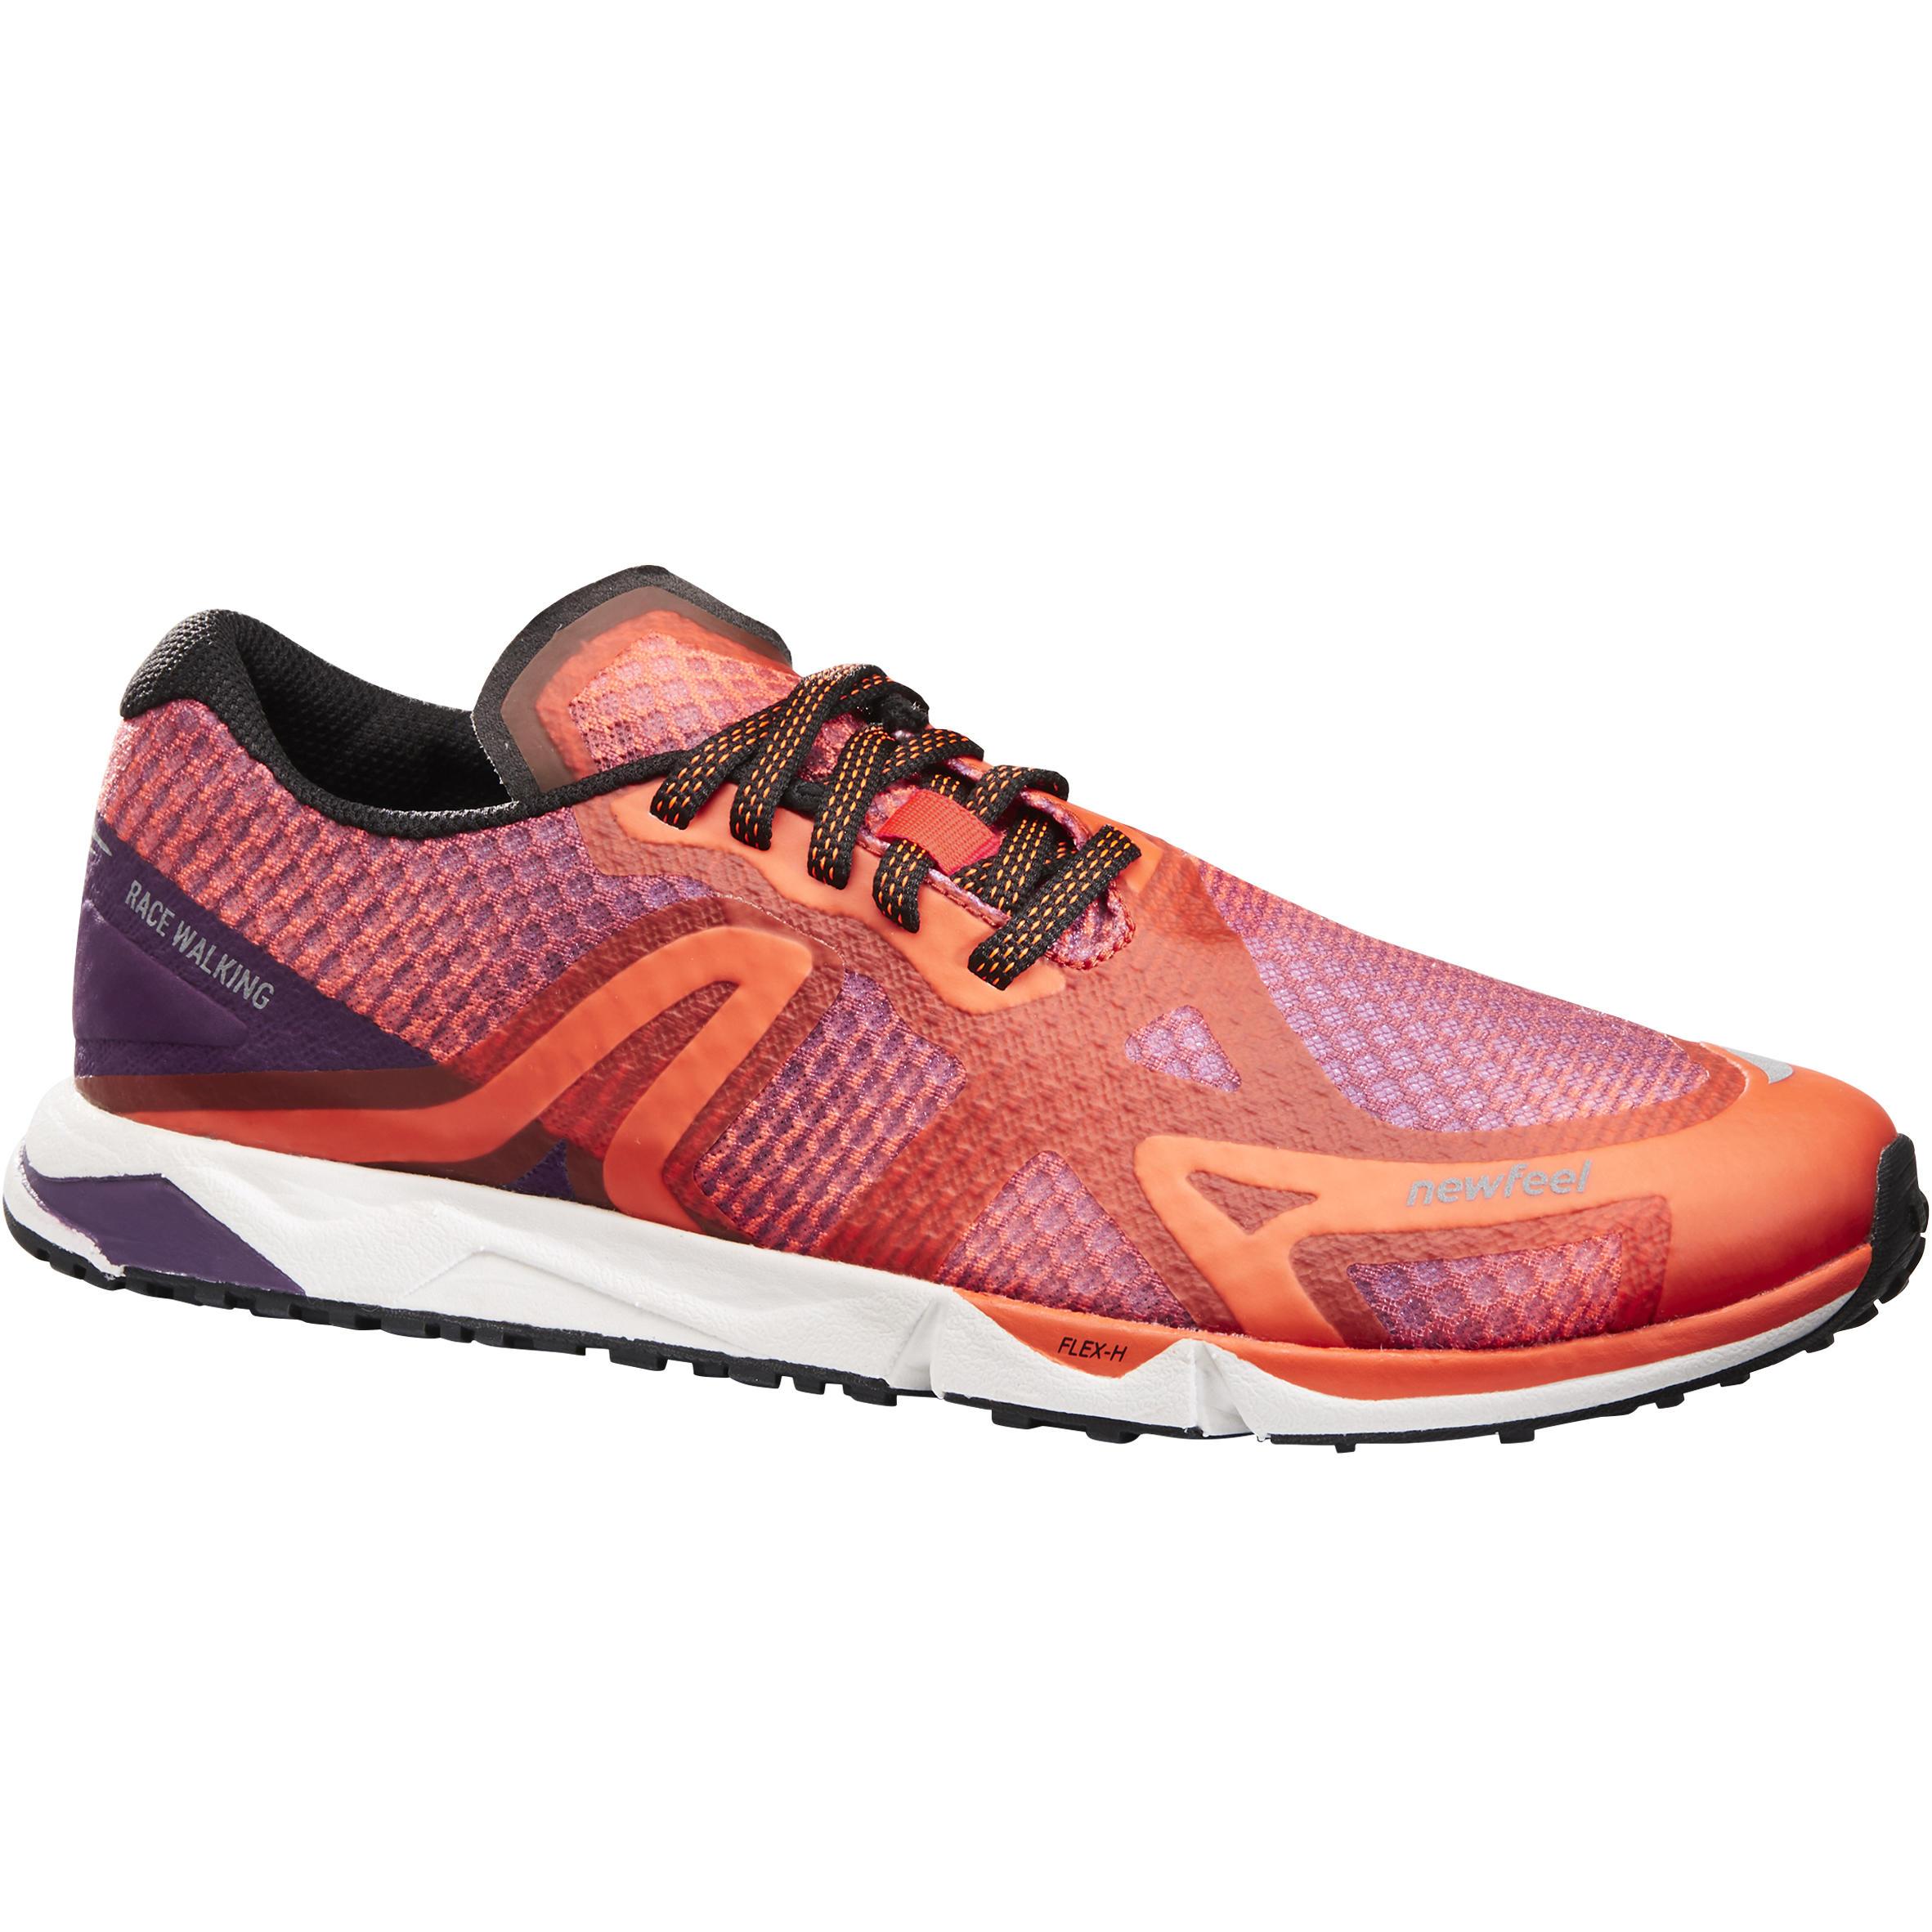 Walkingschuhe RW 900 olmpisches Gehen violett/orange | Schuhe > Sportschuhe > Walkingschuhe | Rot - Orange - Violett | Wo | Newfeel